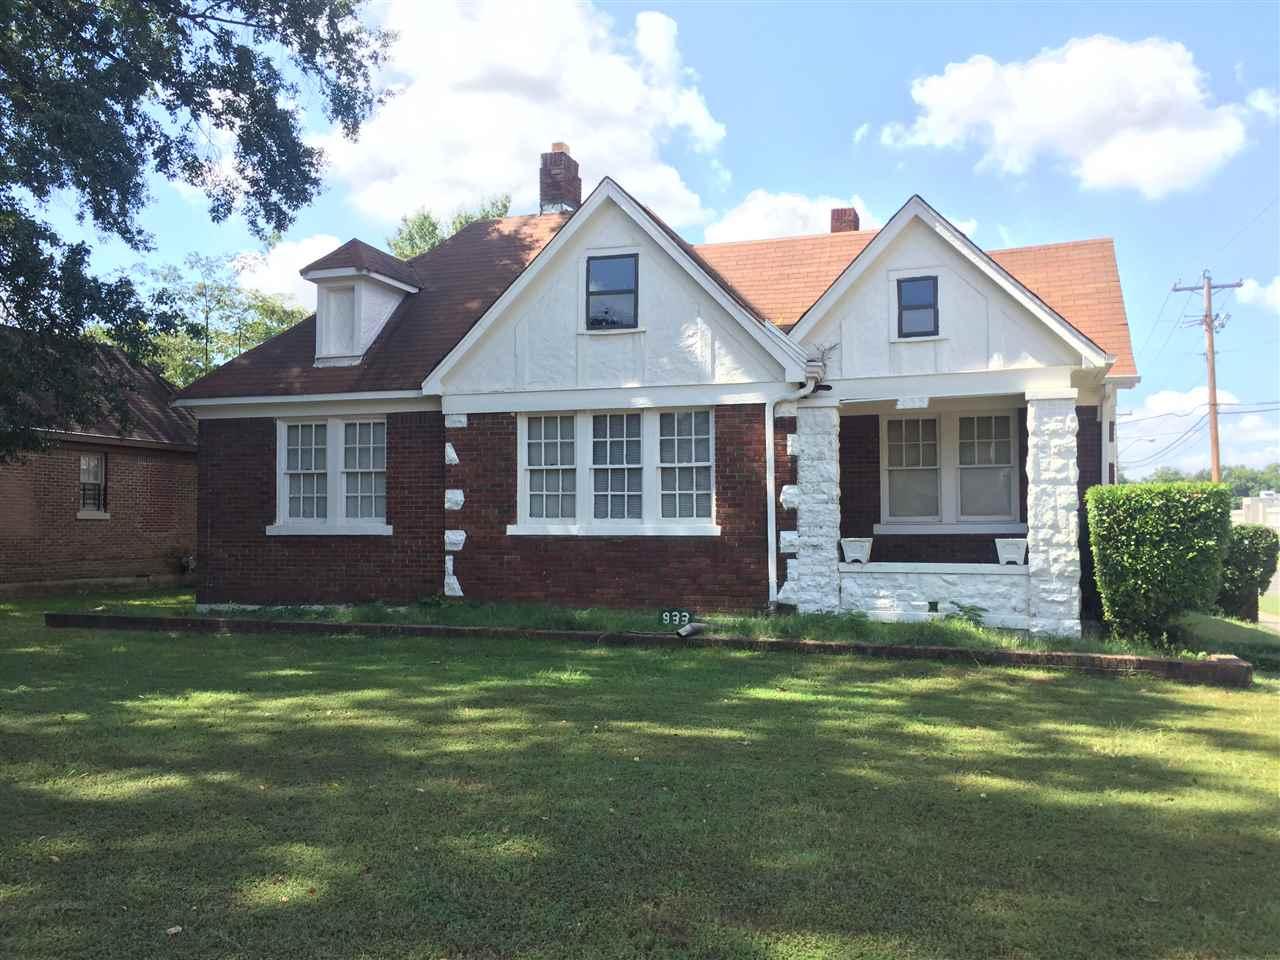 933 N Mclean, Memphis, TN 38107